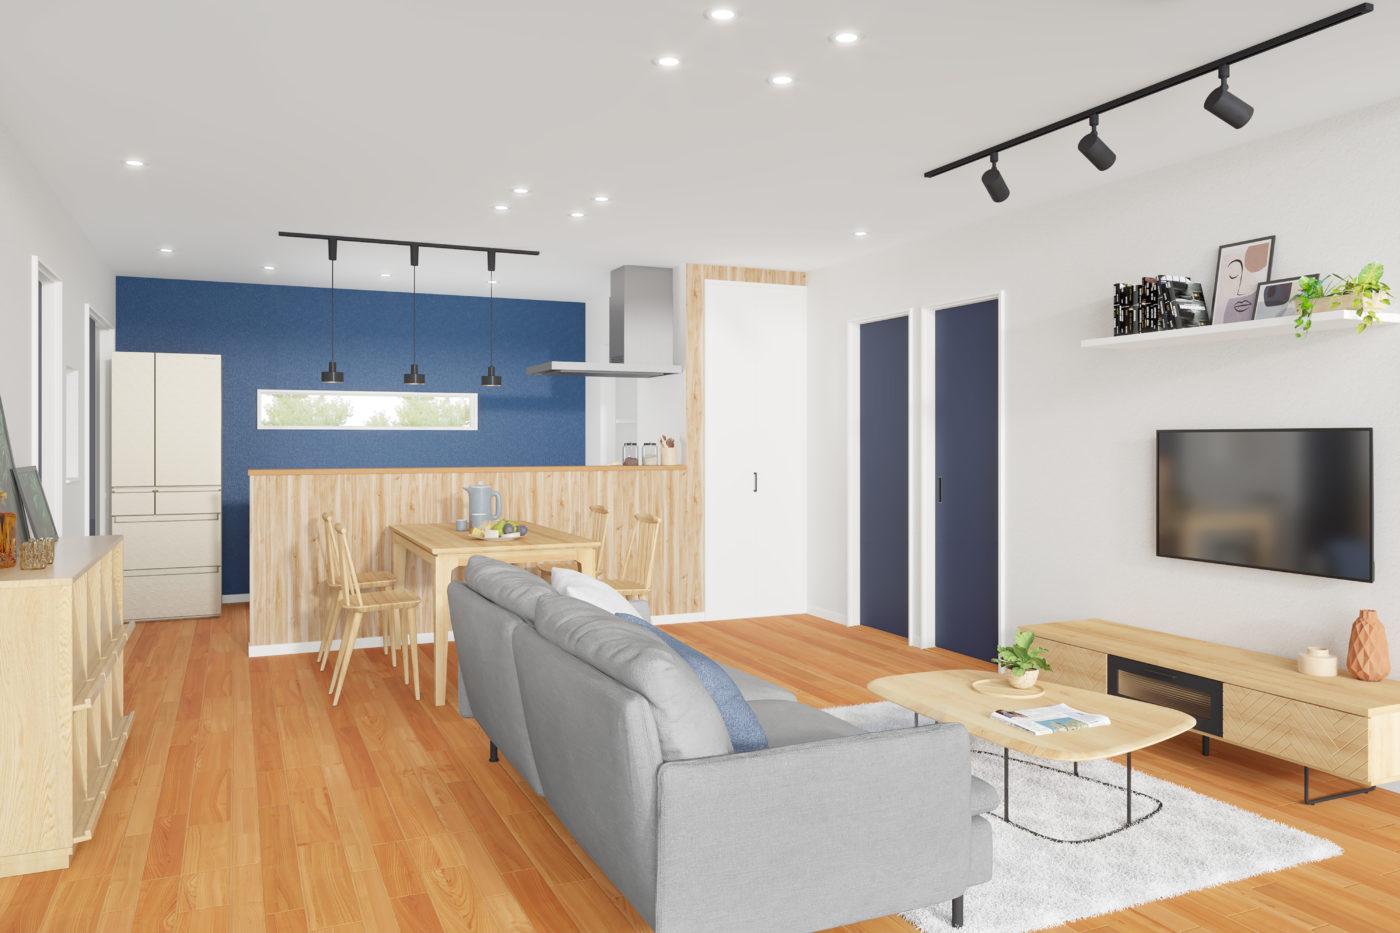 「ブルックリンスタイルカフェ風」平屋テイストの家